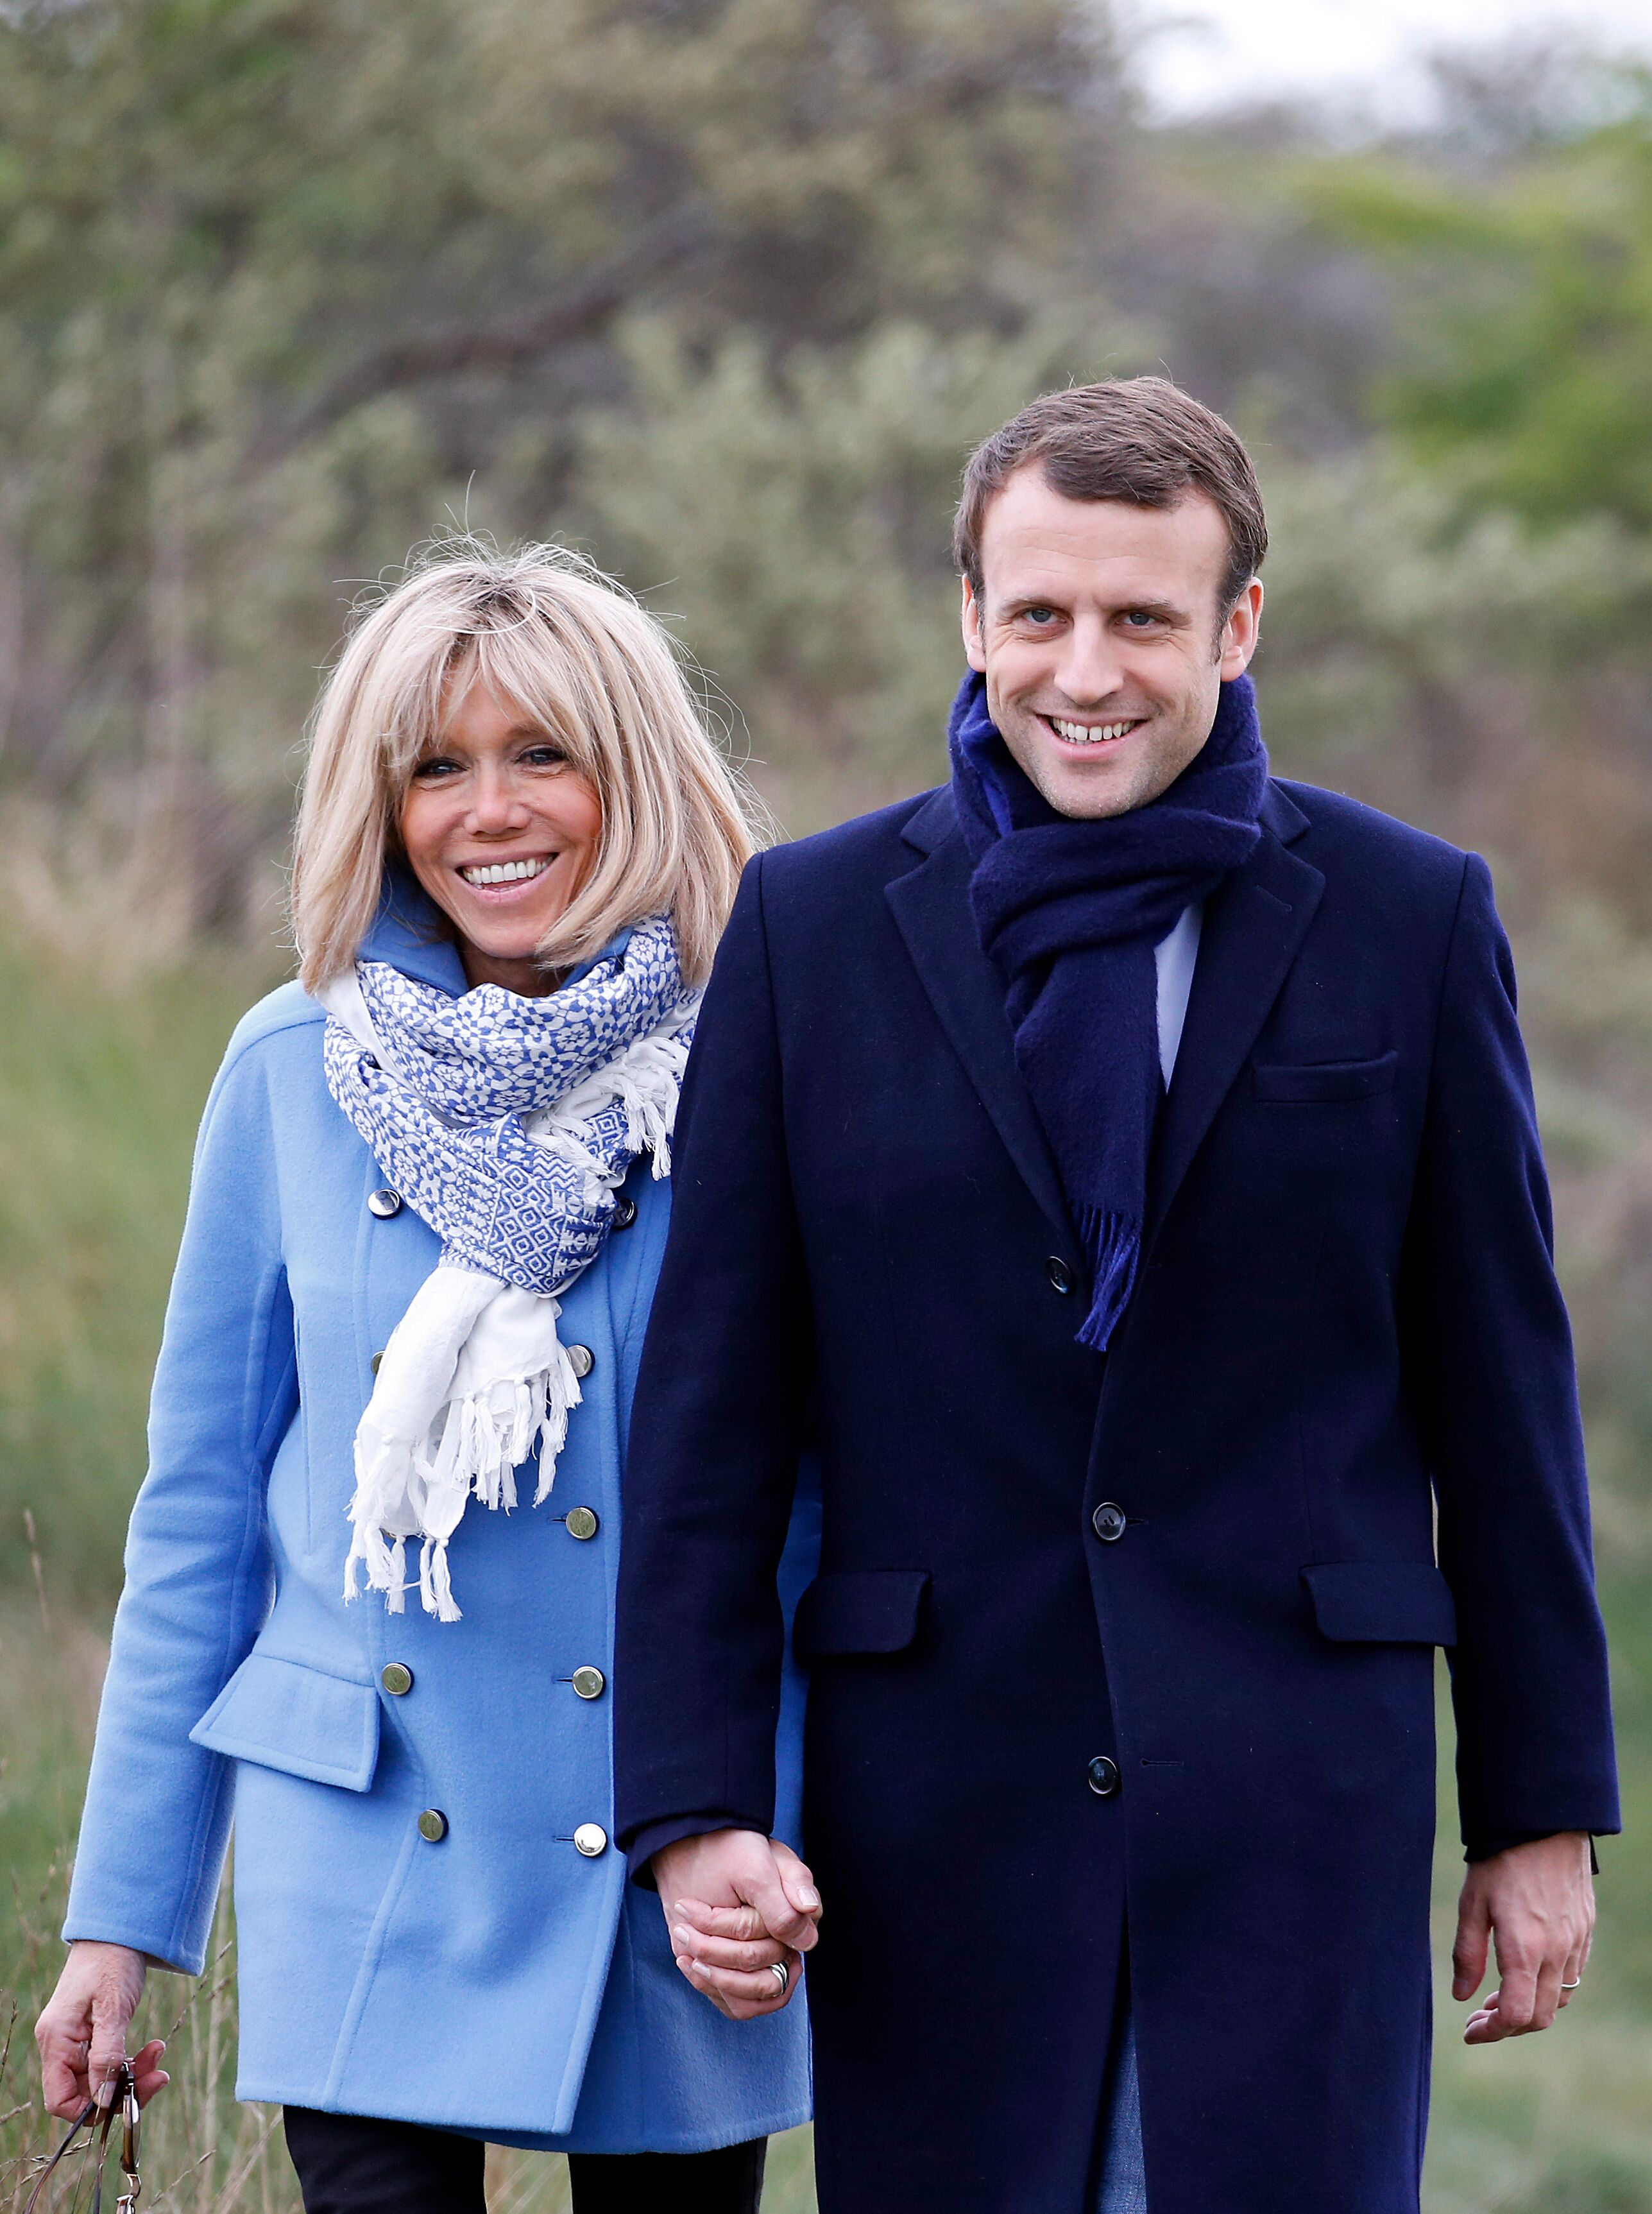 Emmanuel Macron accompagné de Brigitte Macron | Photo : Getty Images